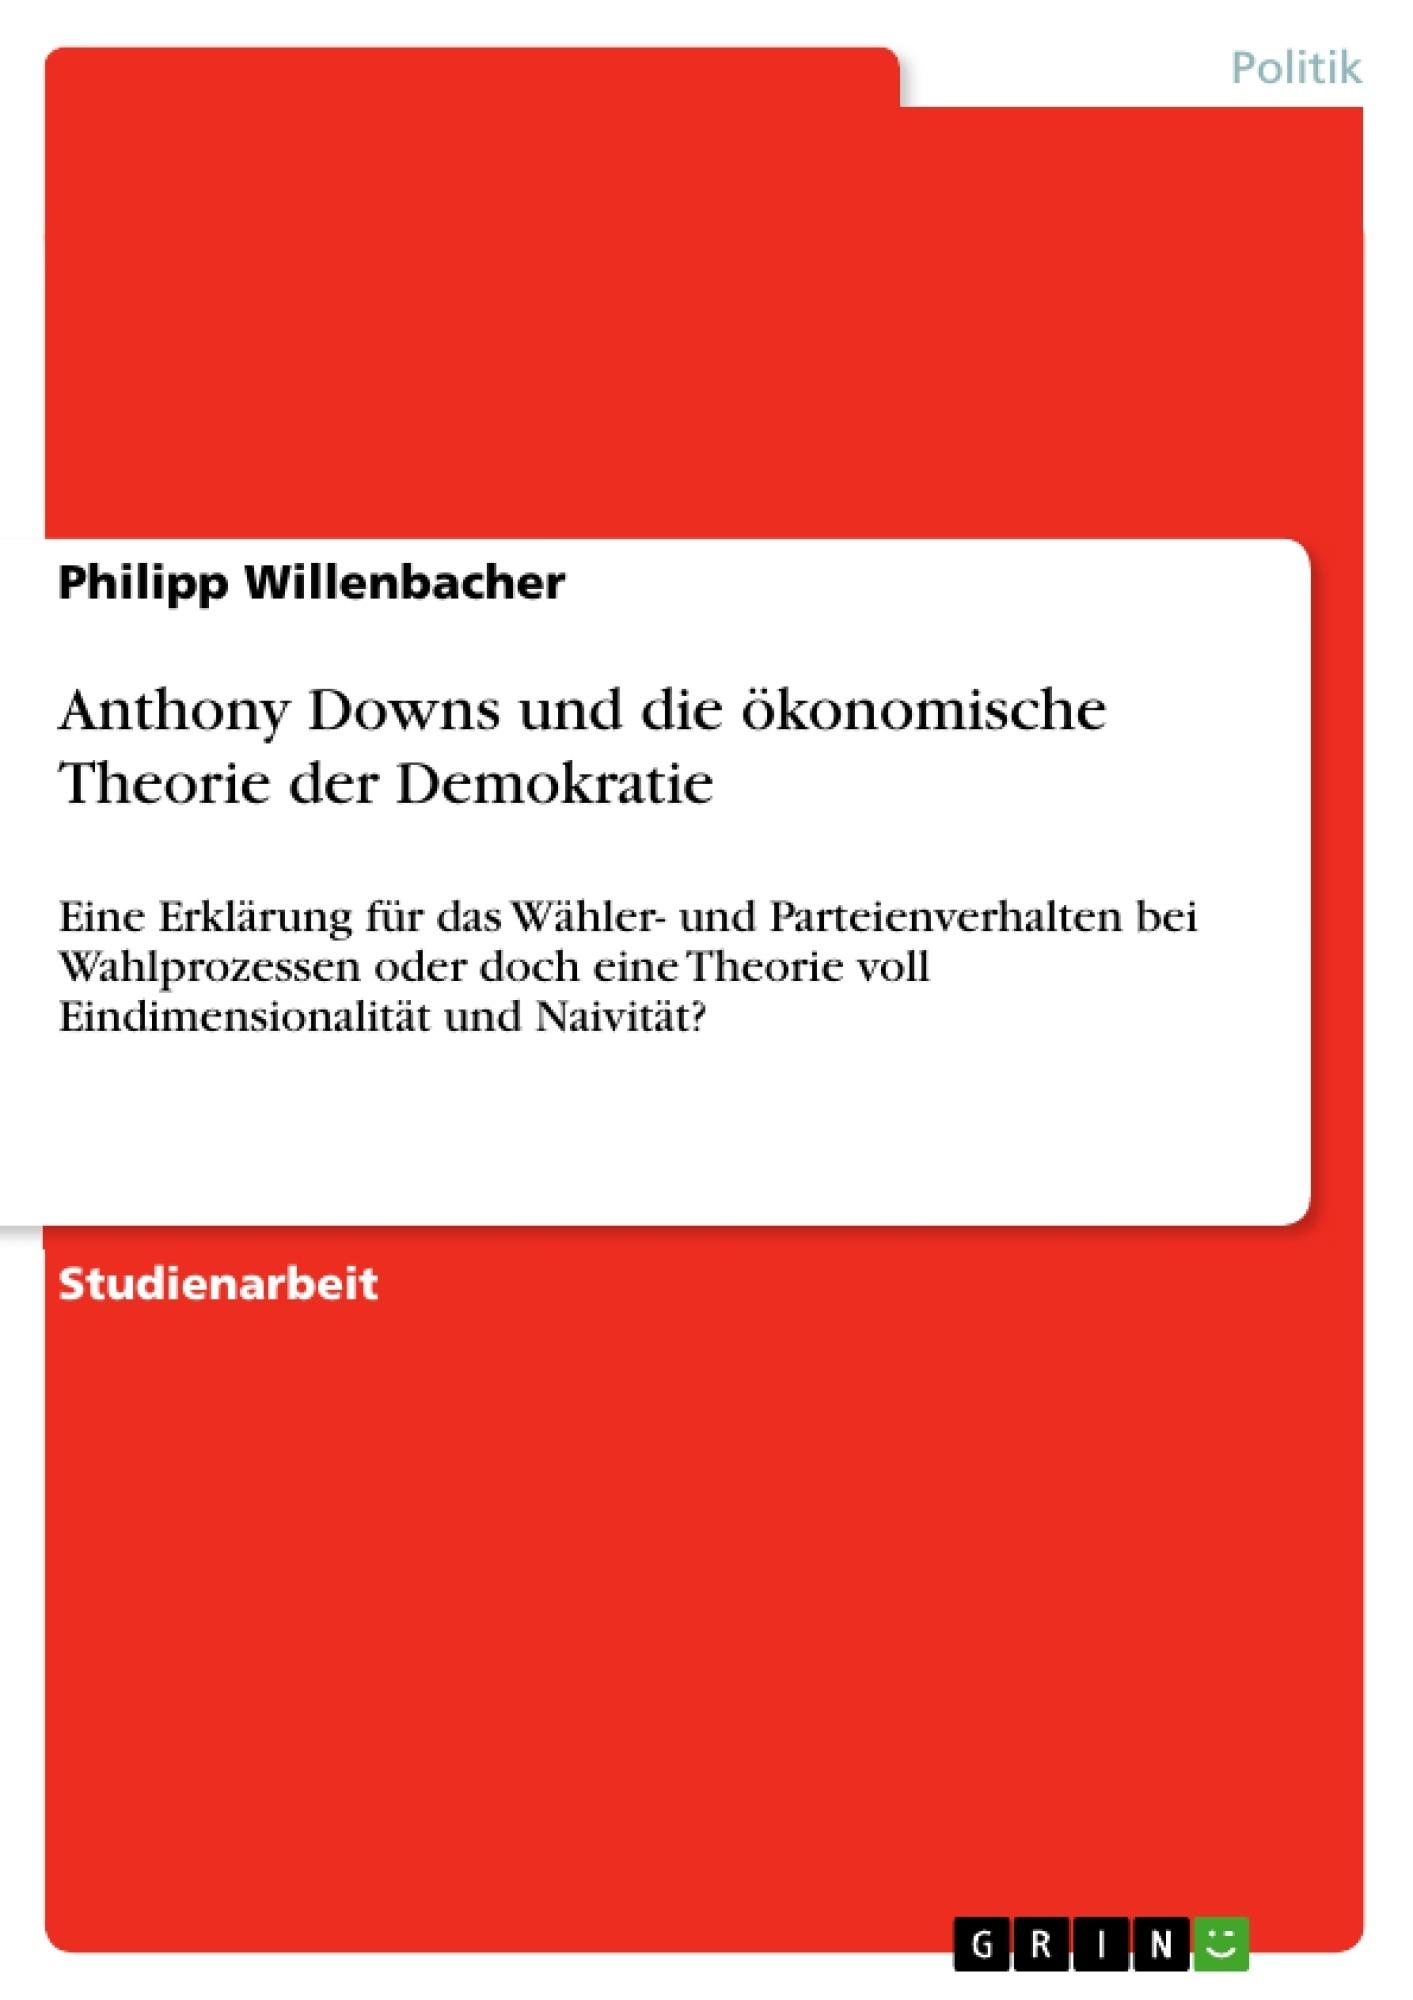 Titel: Anthony Downs und die ökonomische Theorie der Demokratie